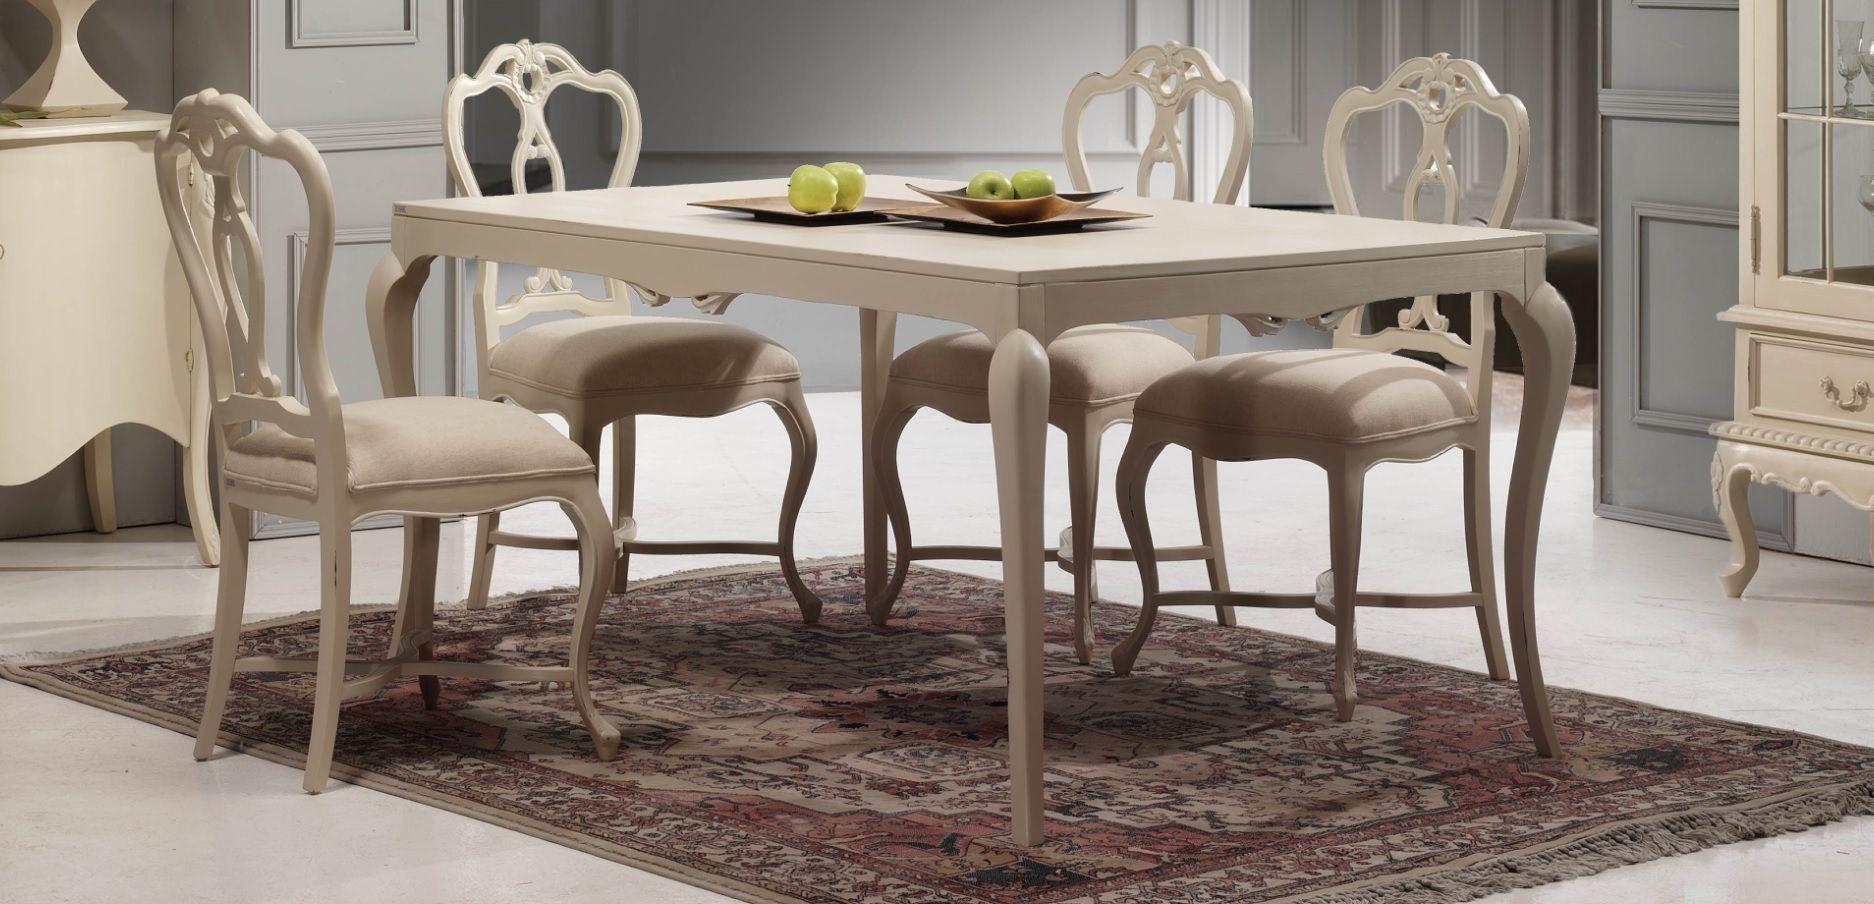 Sillas de comedor elige las que mejor se adaptan a tu for Sillas de comedor clasicas tapizadas